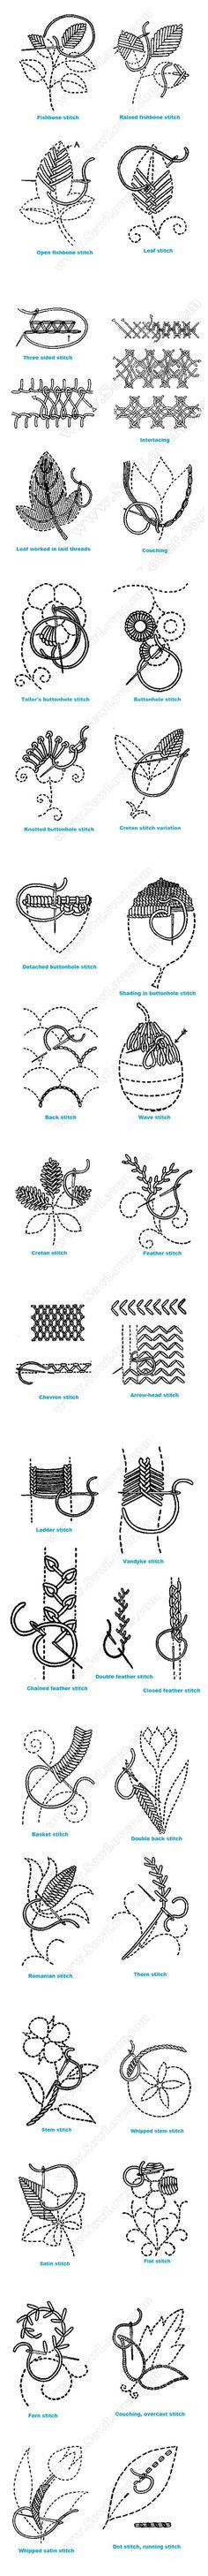 Luty Artes Crochet: Passo a passo de bordados e gráficos